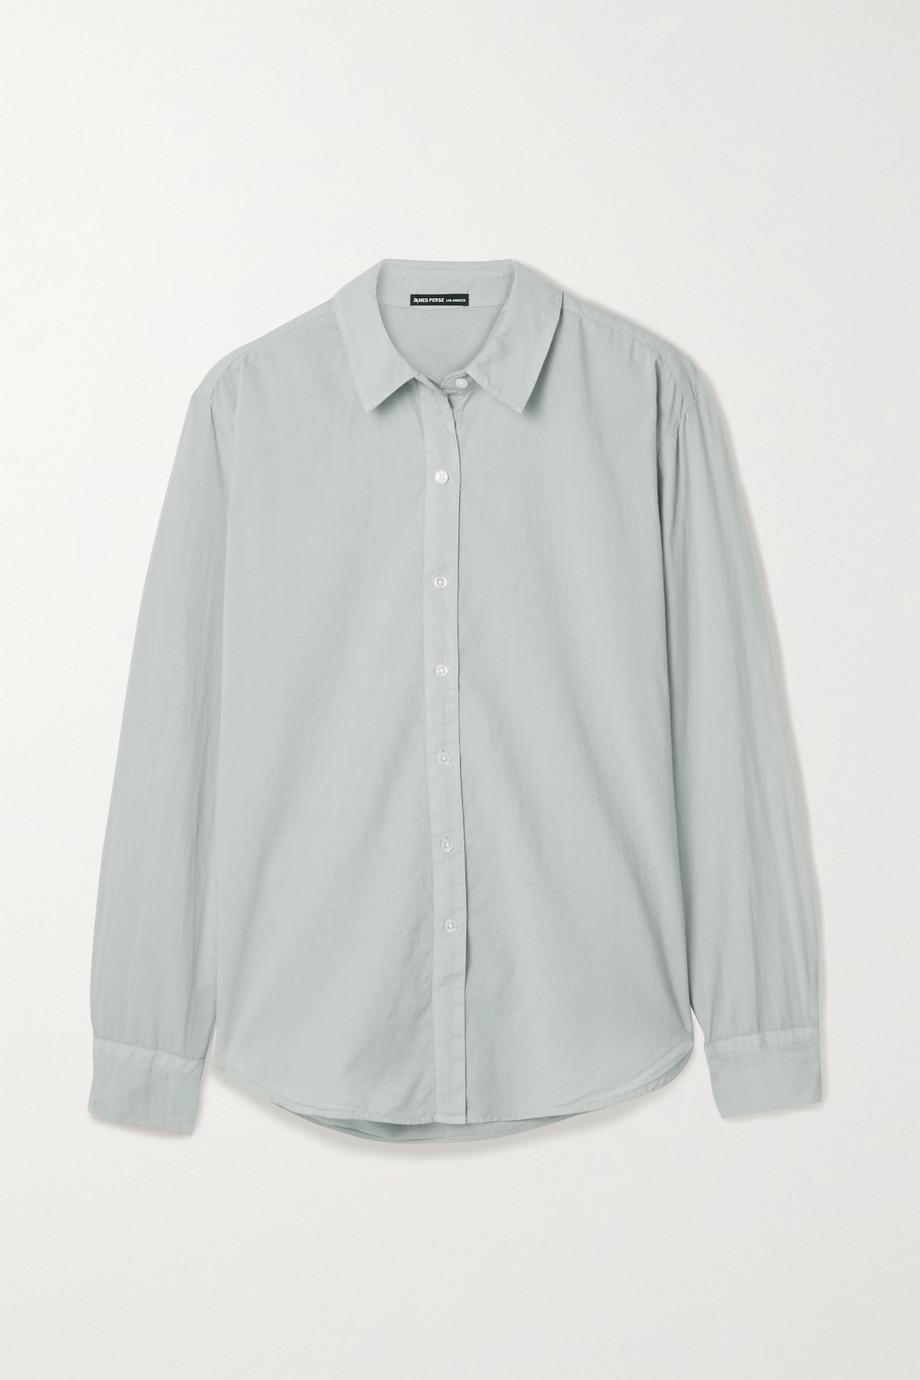 James Perse Cotton-voile shirt